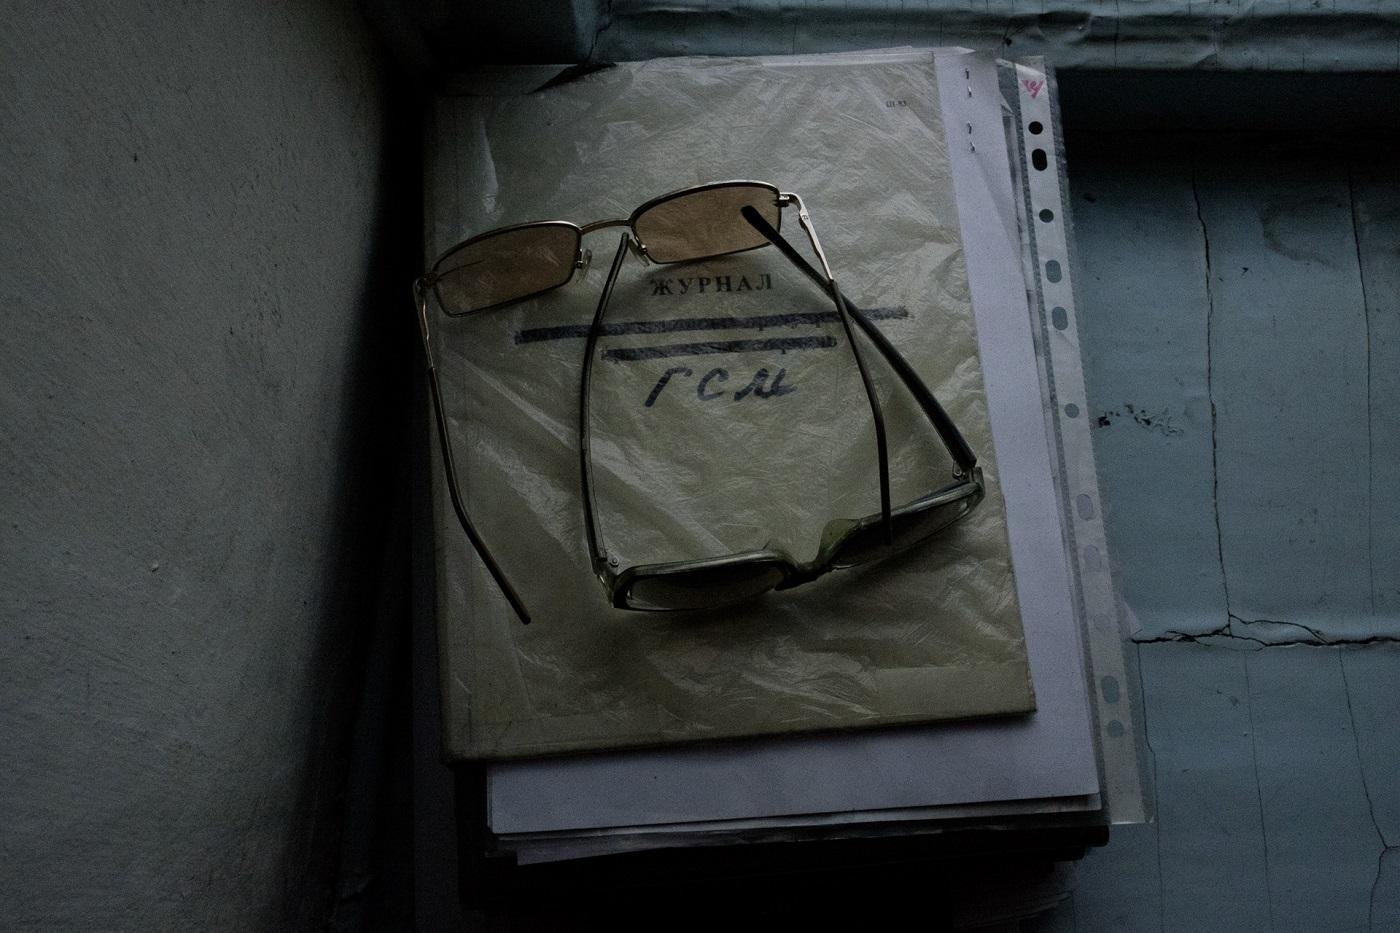 Notizen bei Regen und bei Sonnenschein - Nikolajs Brillen und das Dienstbuch